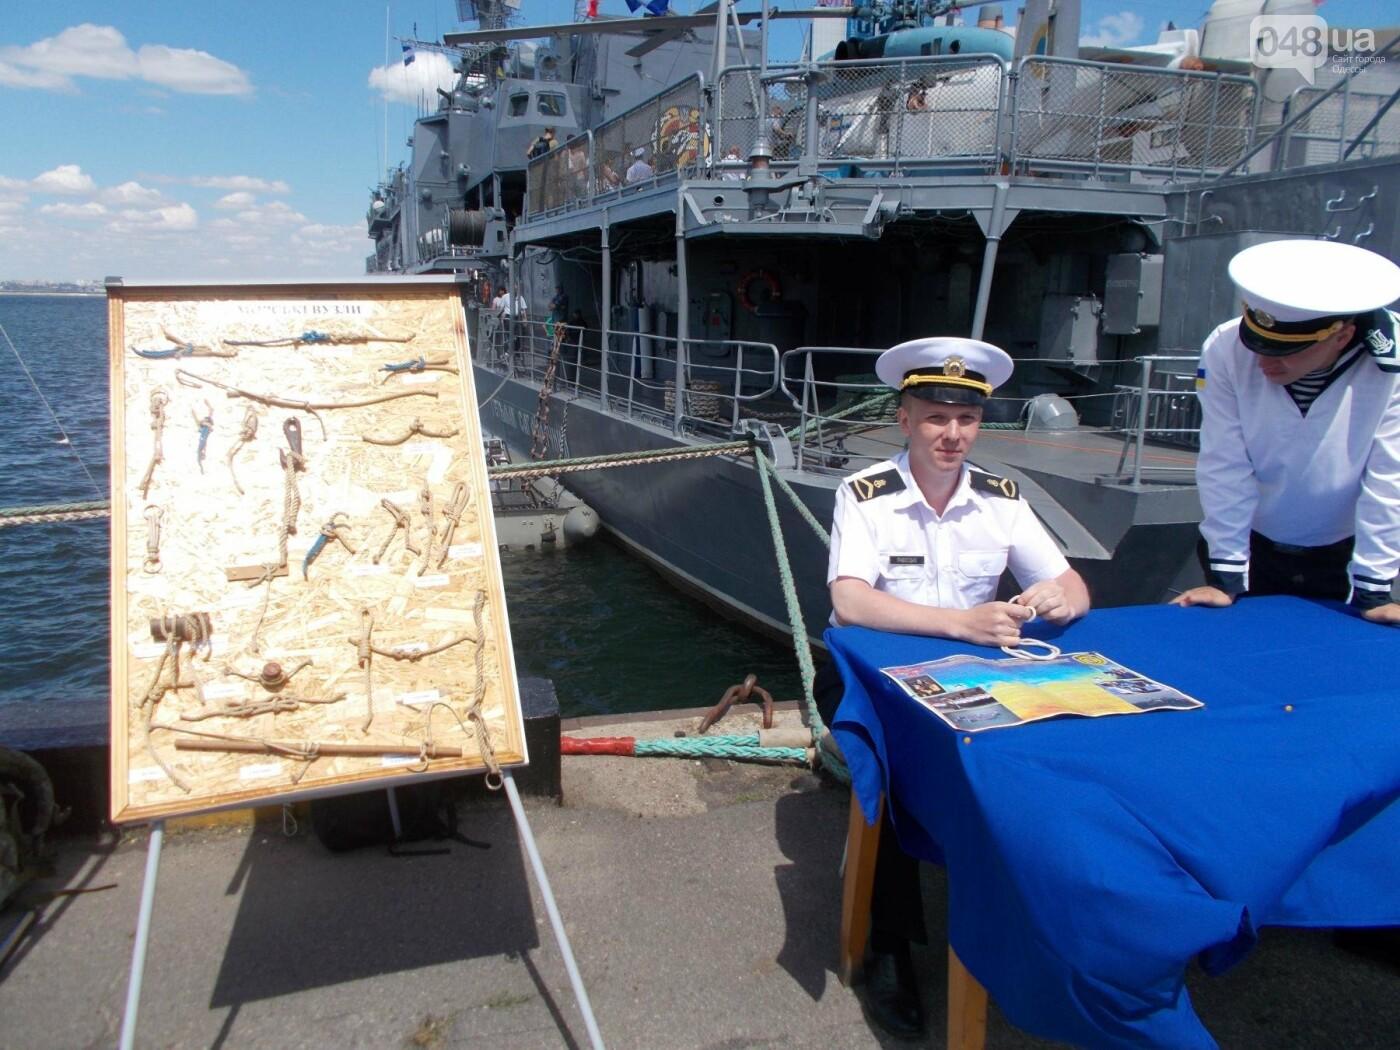 День Военно-морских сил Украины отпраздновали на Одесском морвокзале, - ФОТО , фото-35